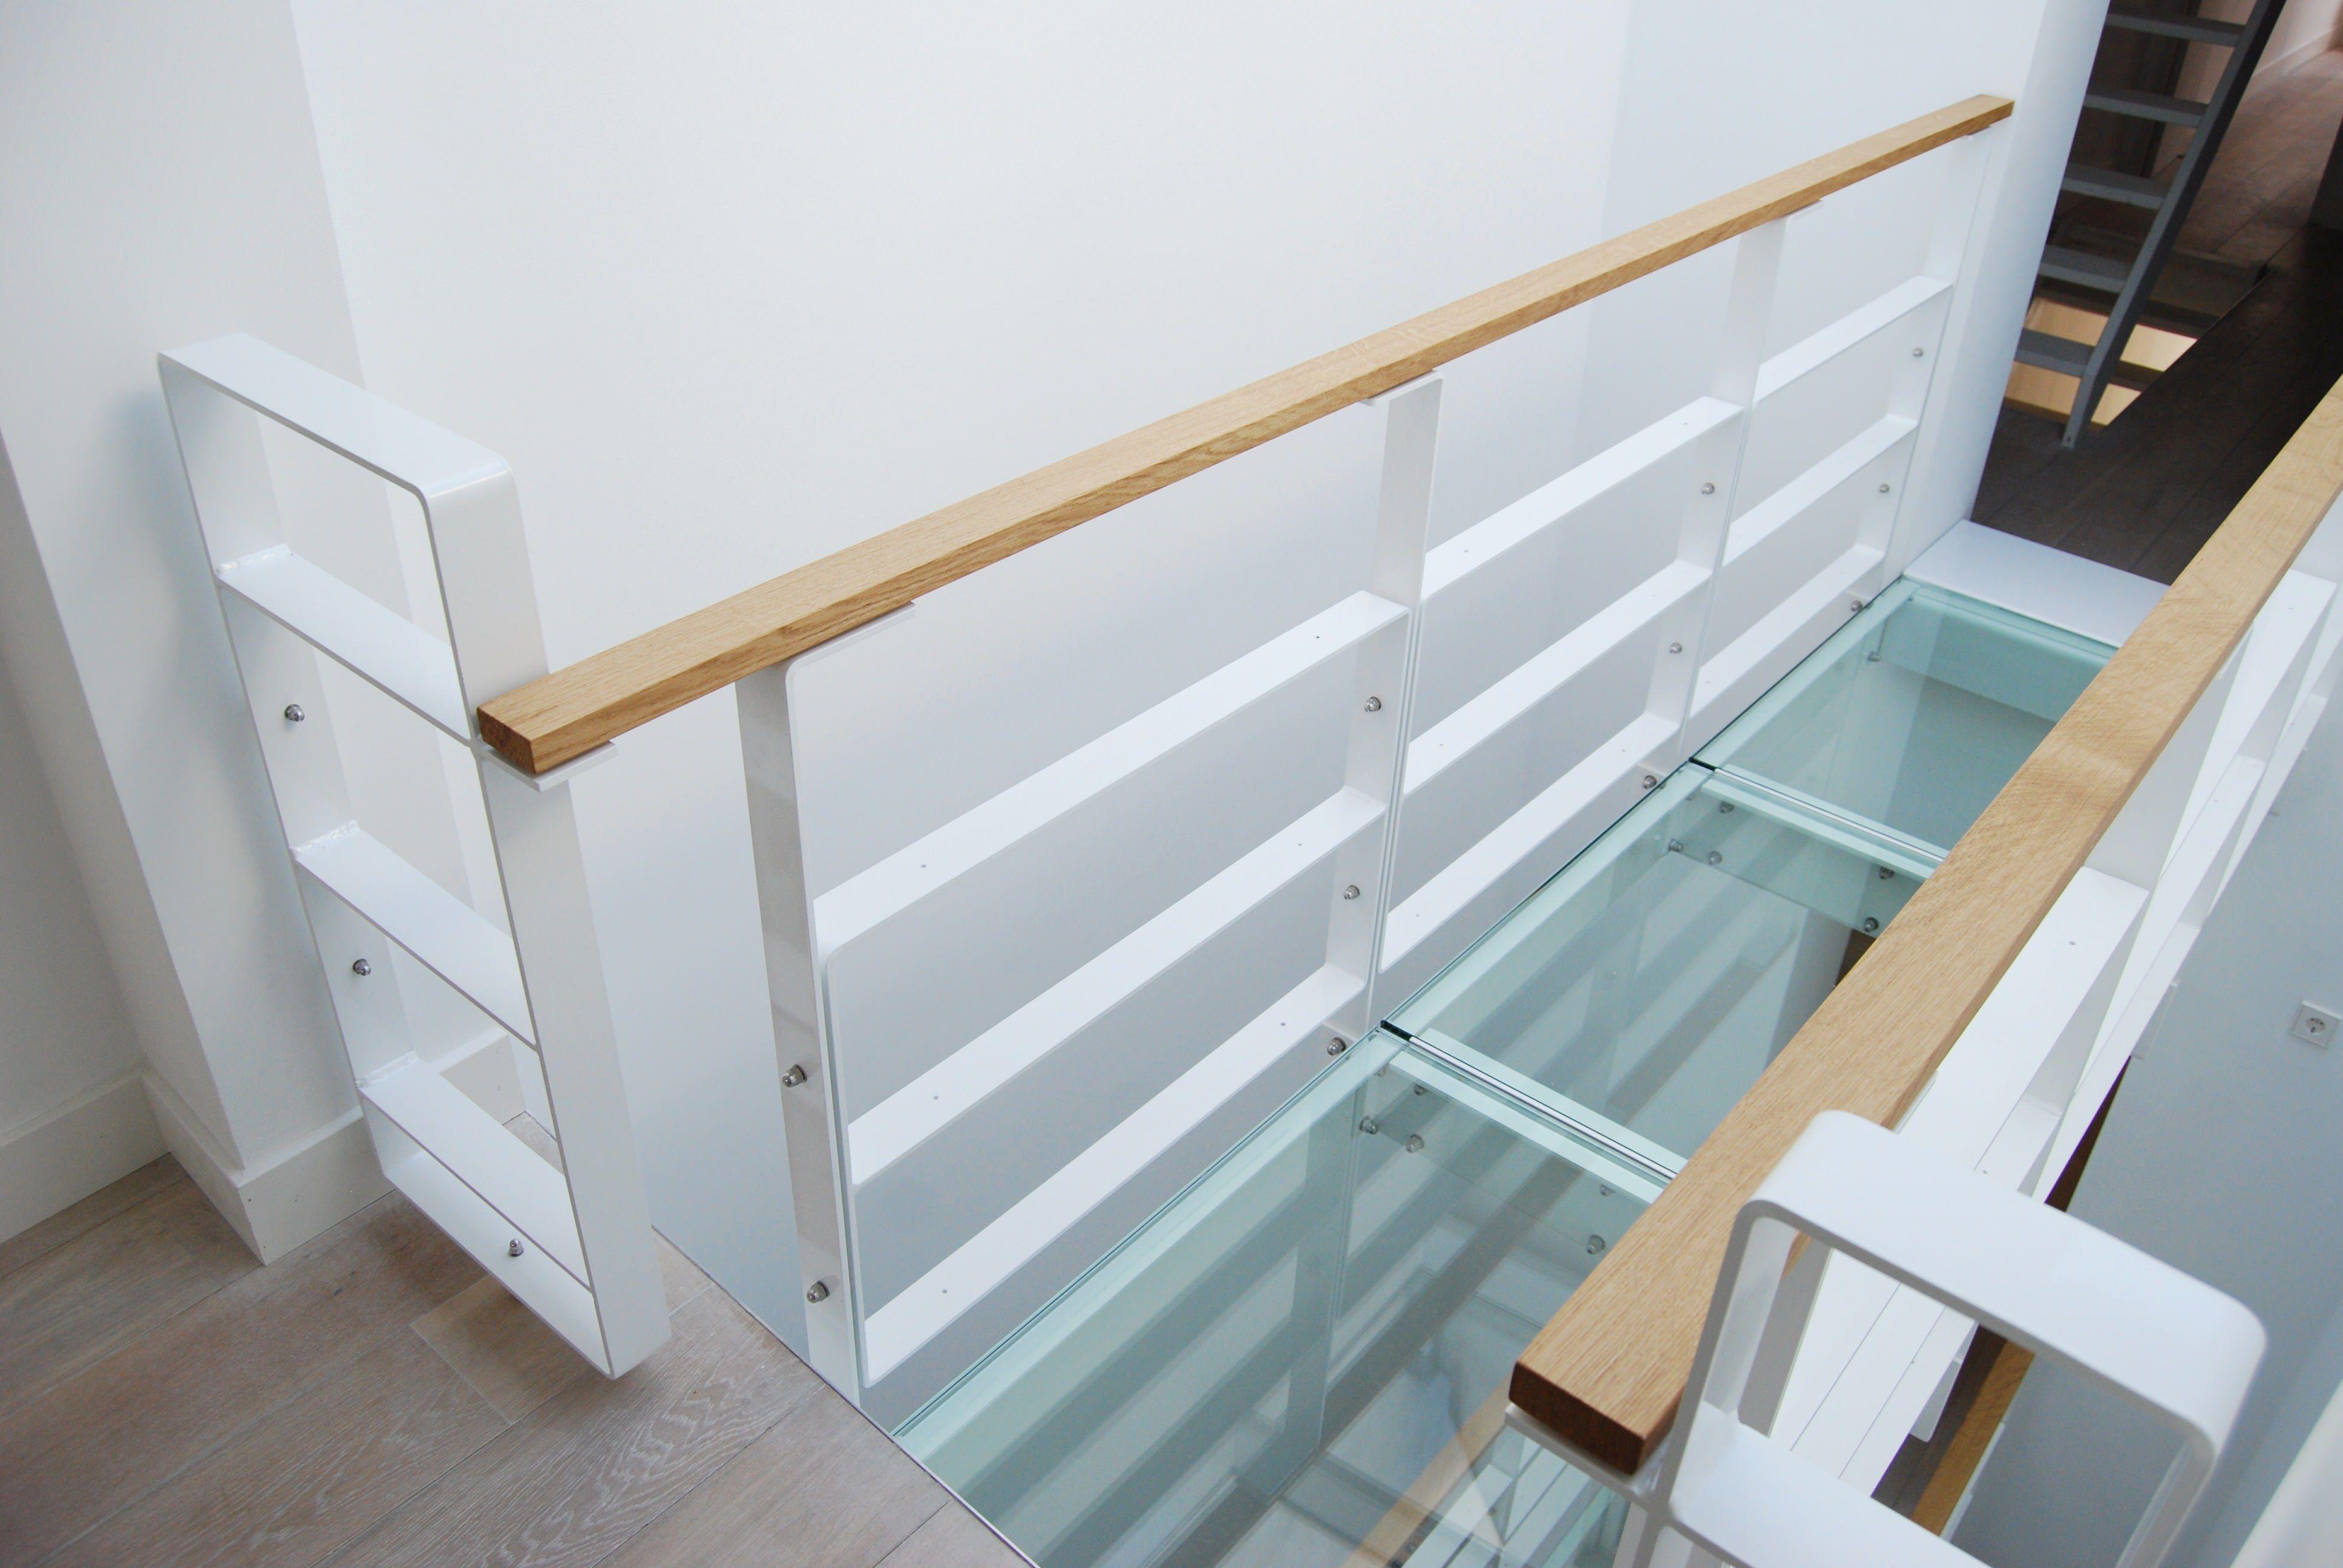 Bram Oosterhuis' Footbridges of glass and steel